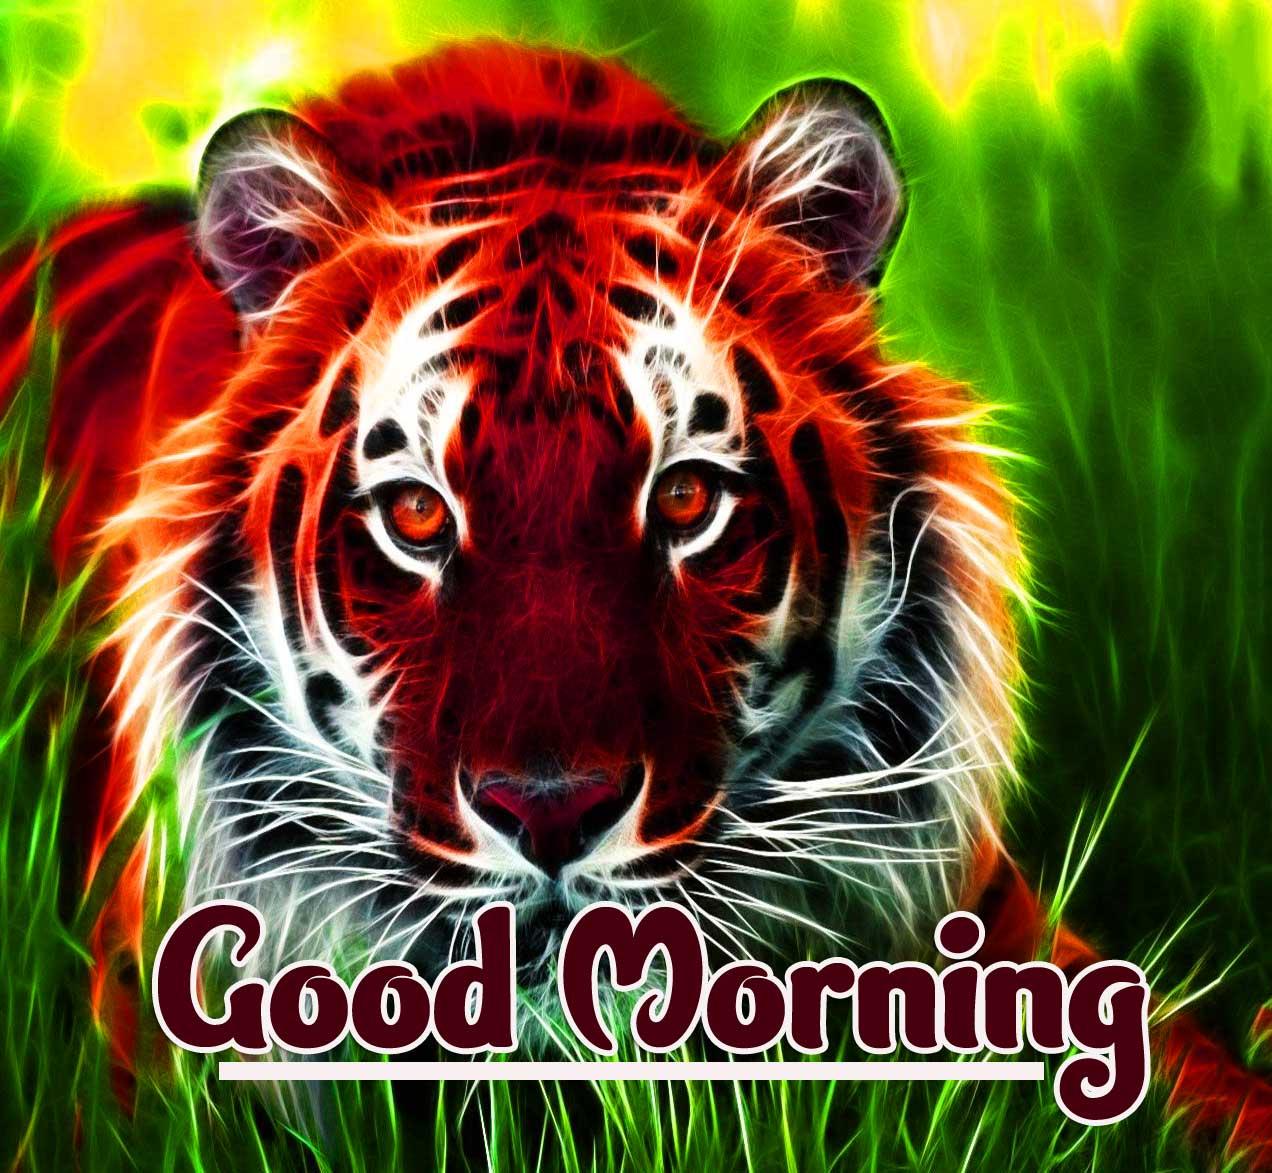 Animal Bird Lion Good Morning Wishes Wallpaper Free Download